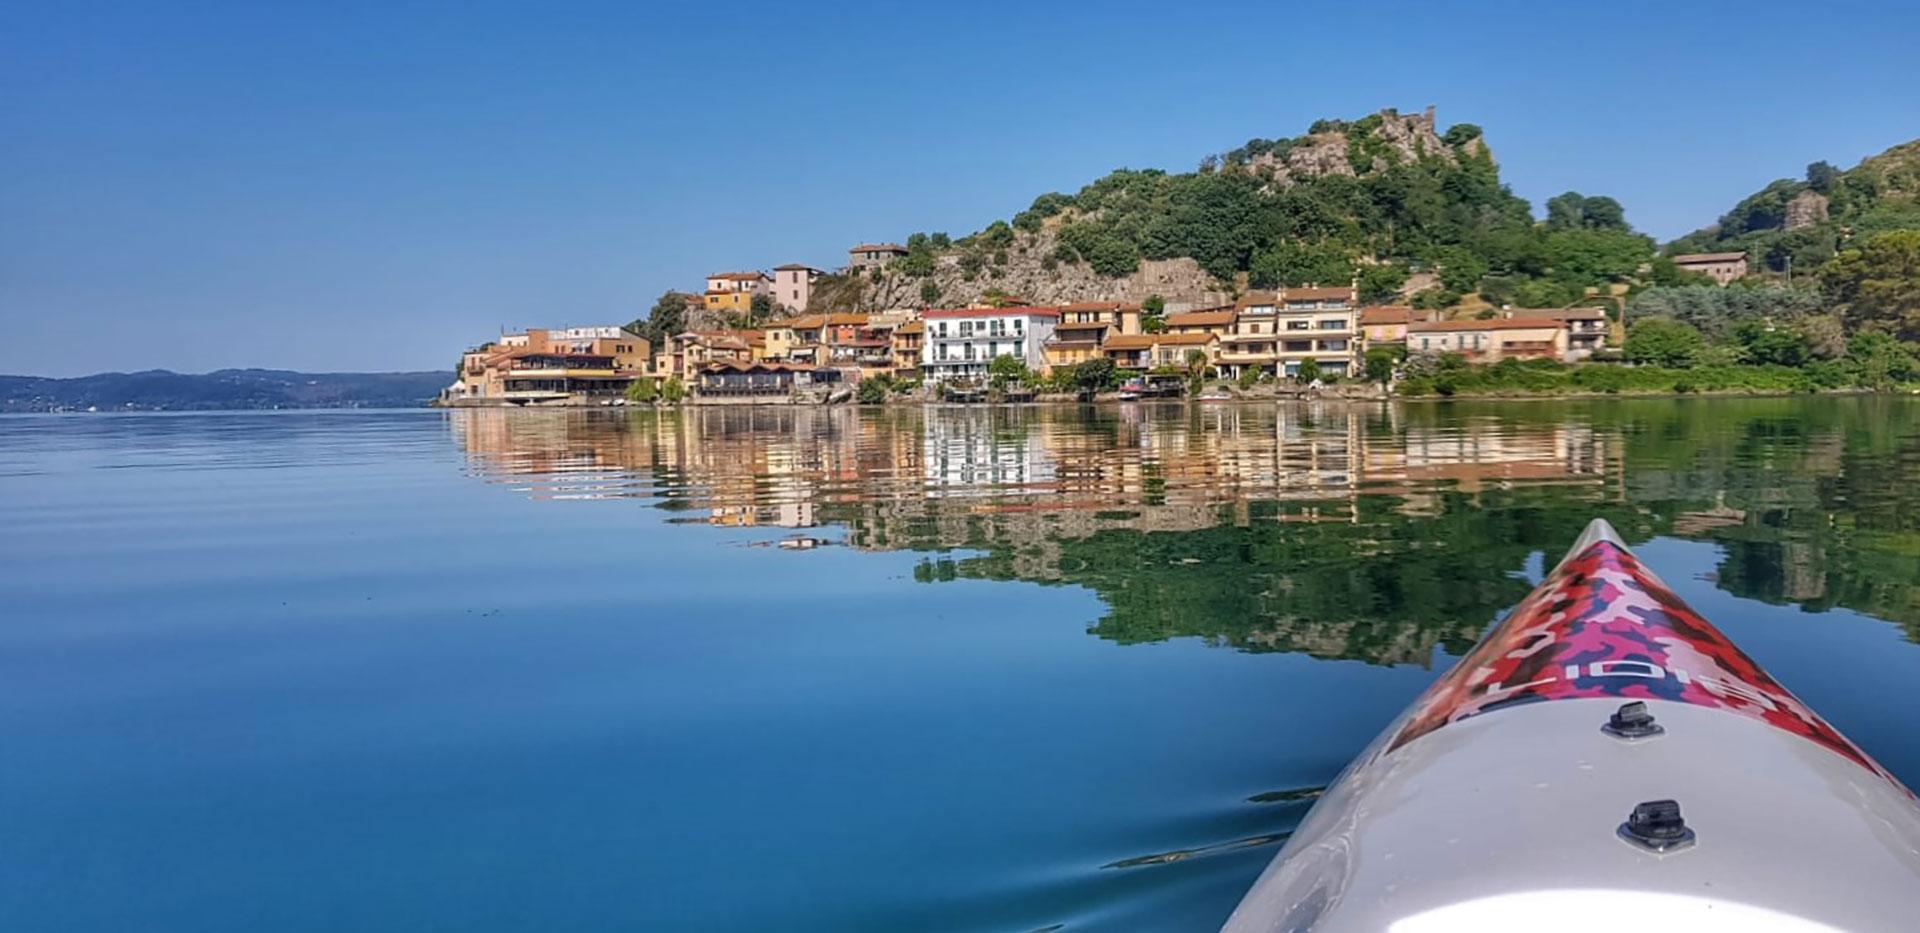 canoa kayak Surfcruise su lago esplorazione e visita paesaggio rilassante e naturalistico, pace e tranquillità